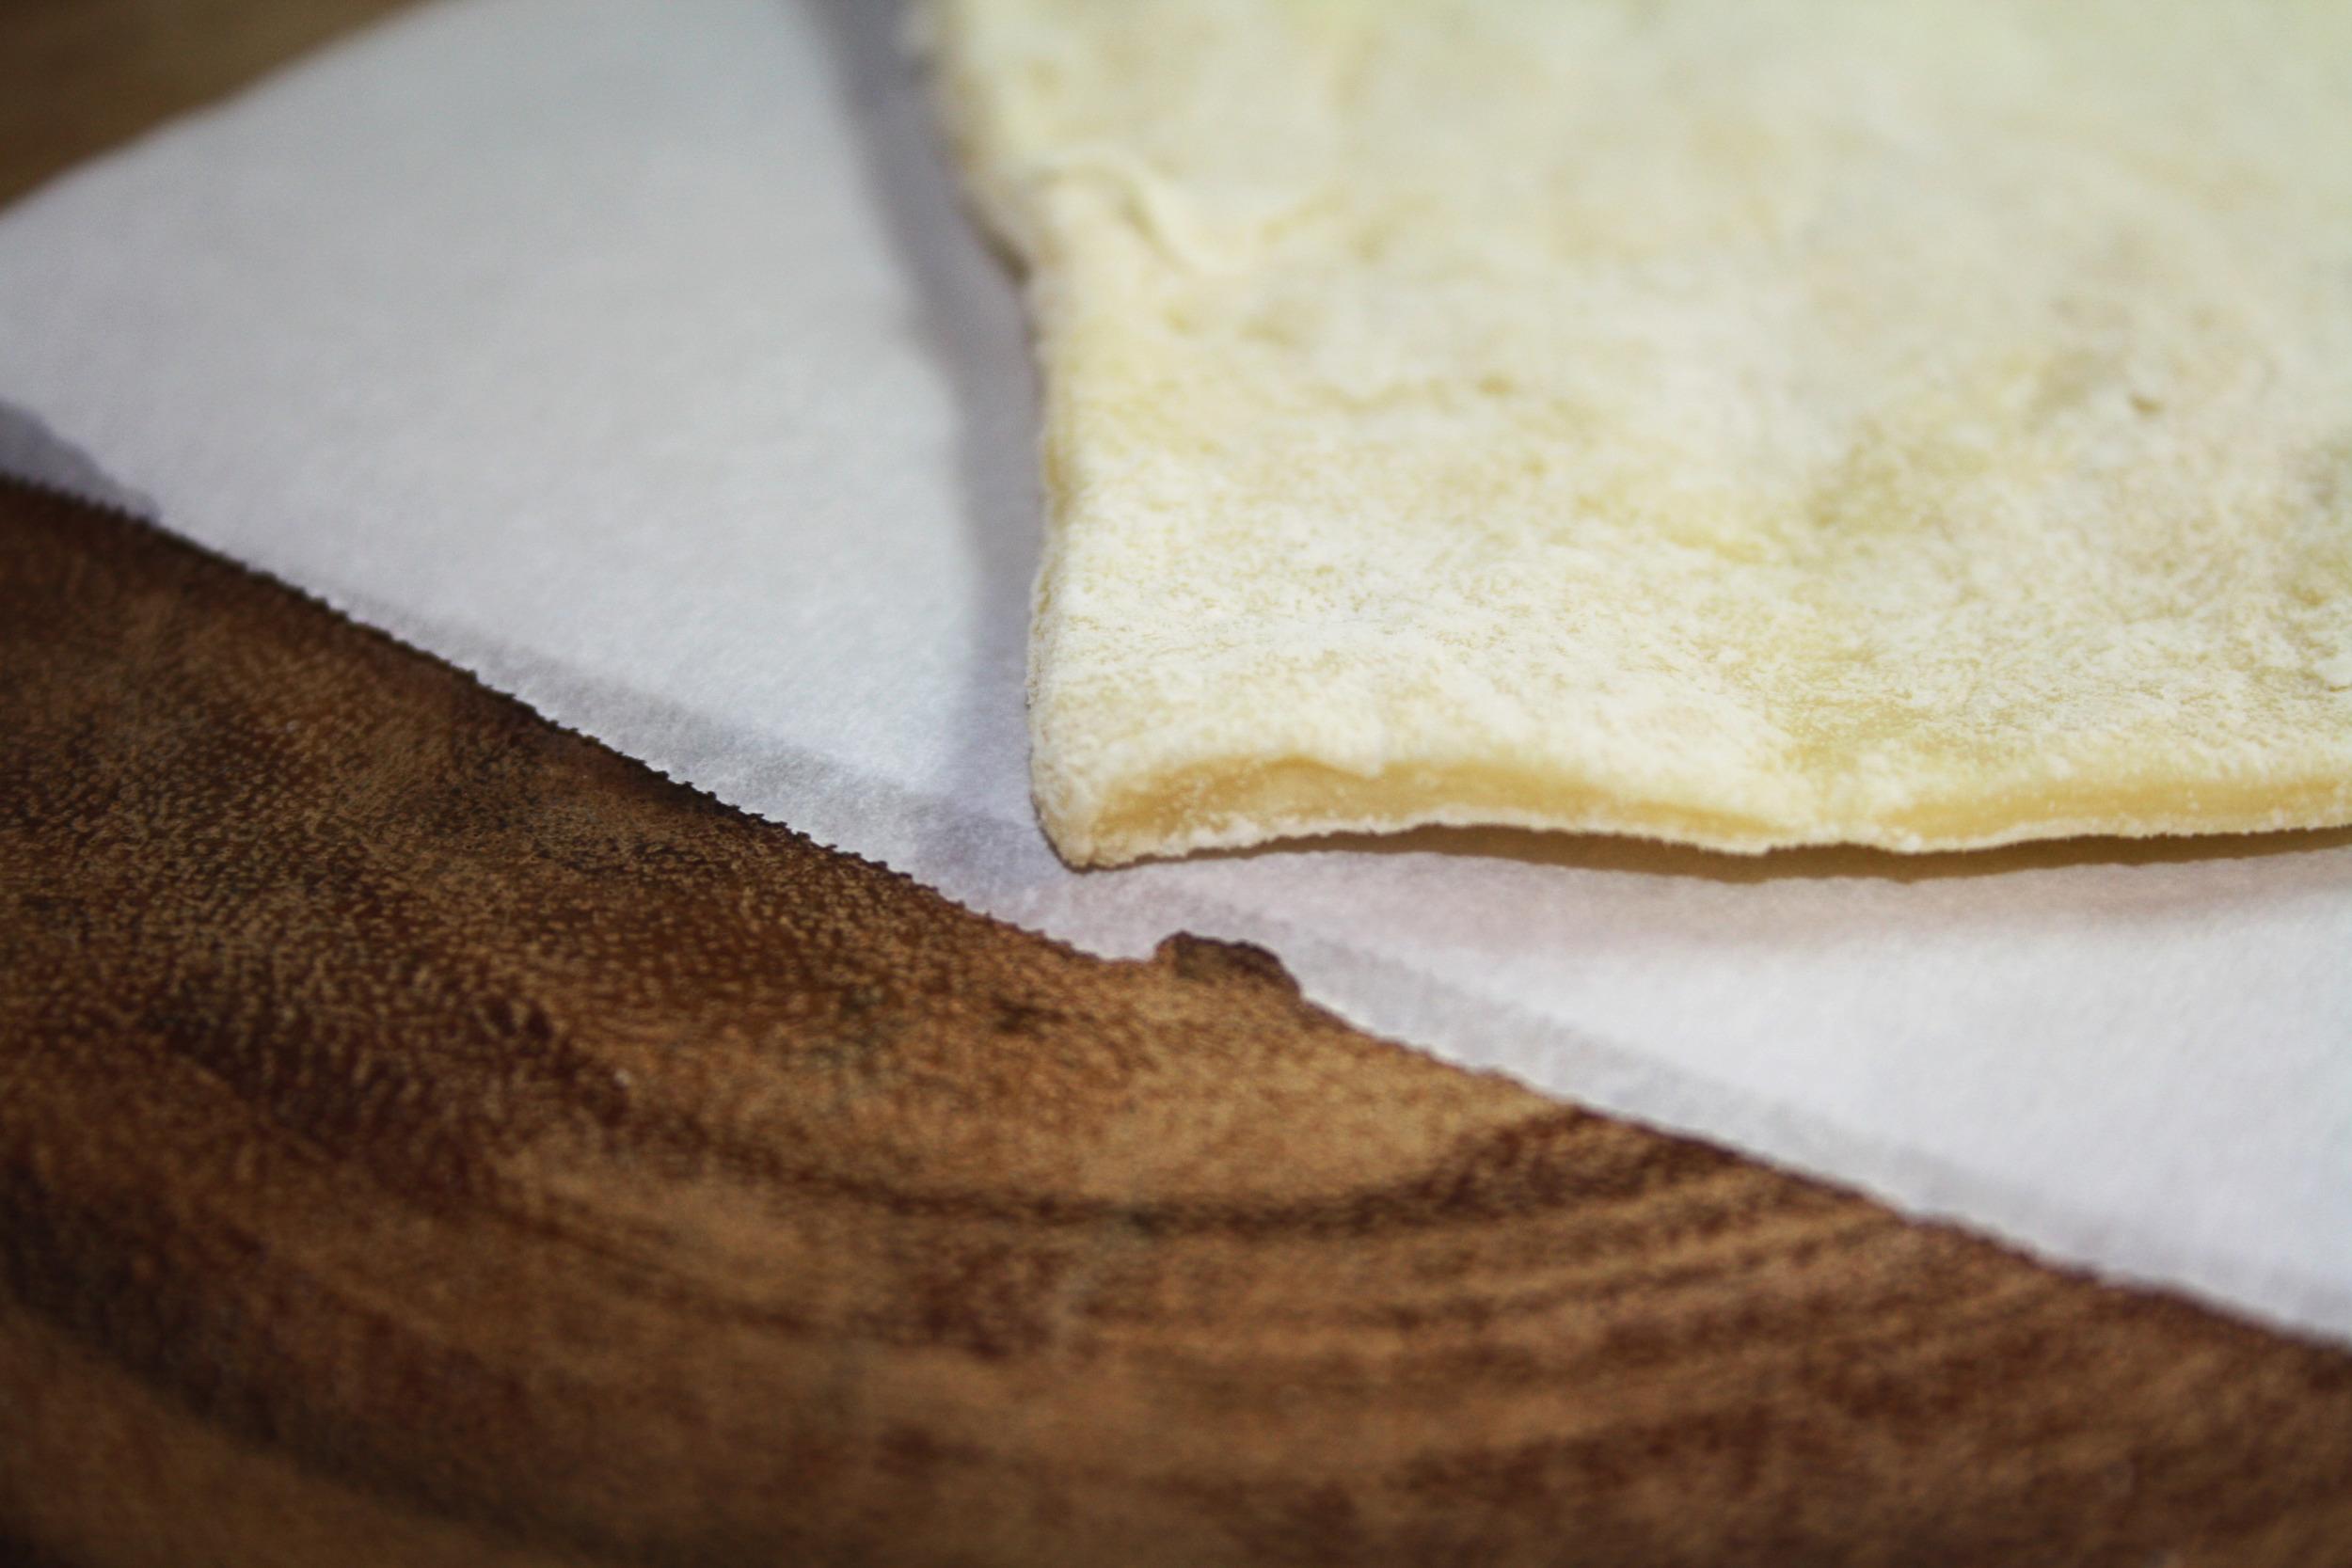 Basic empanada dough - close up